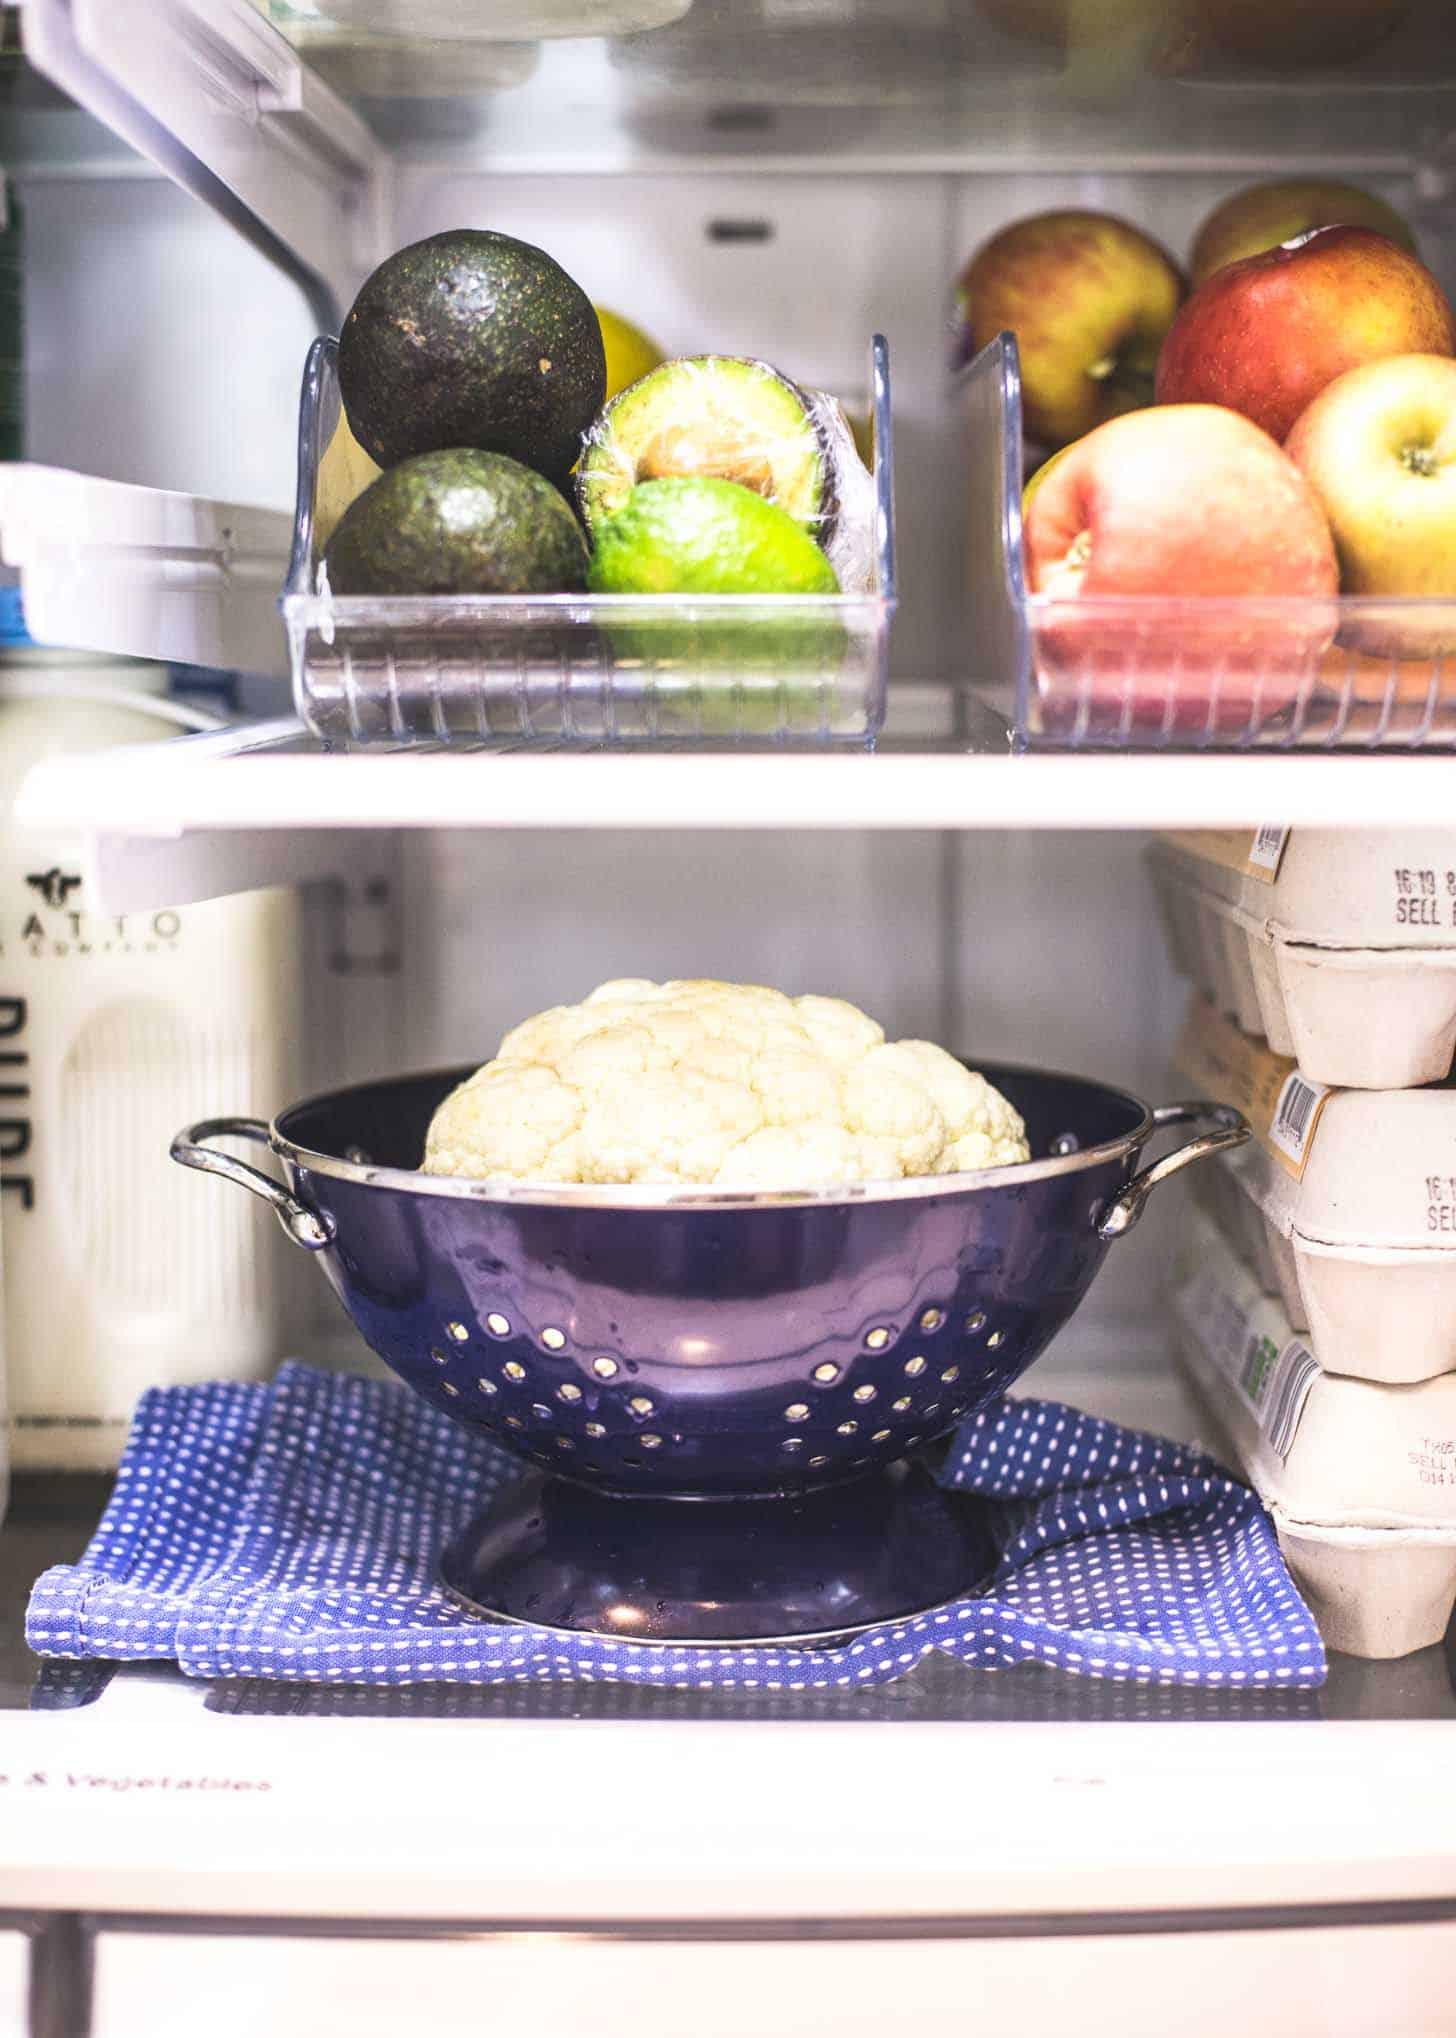 raw cauliflower in a colander in the fridge